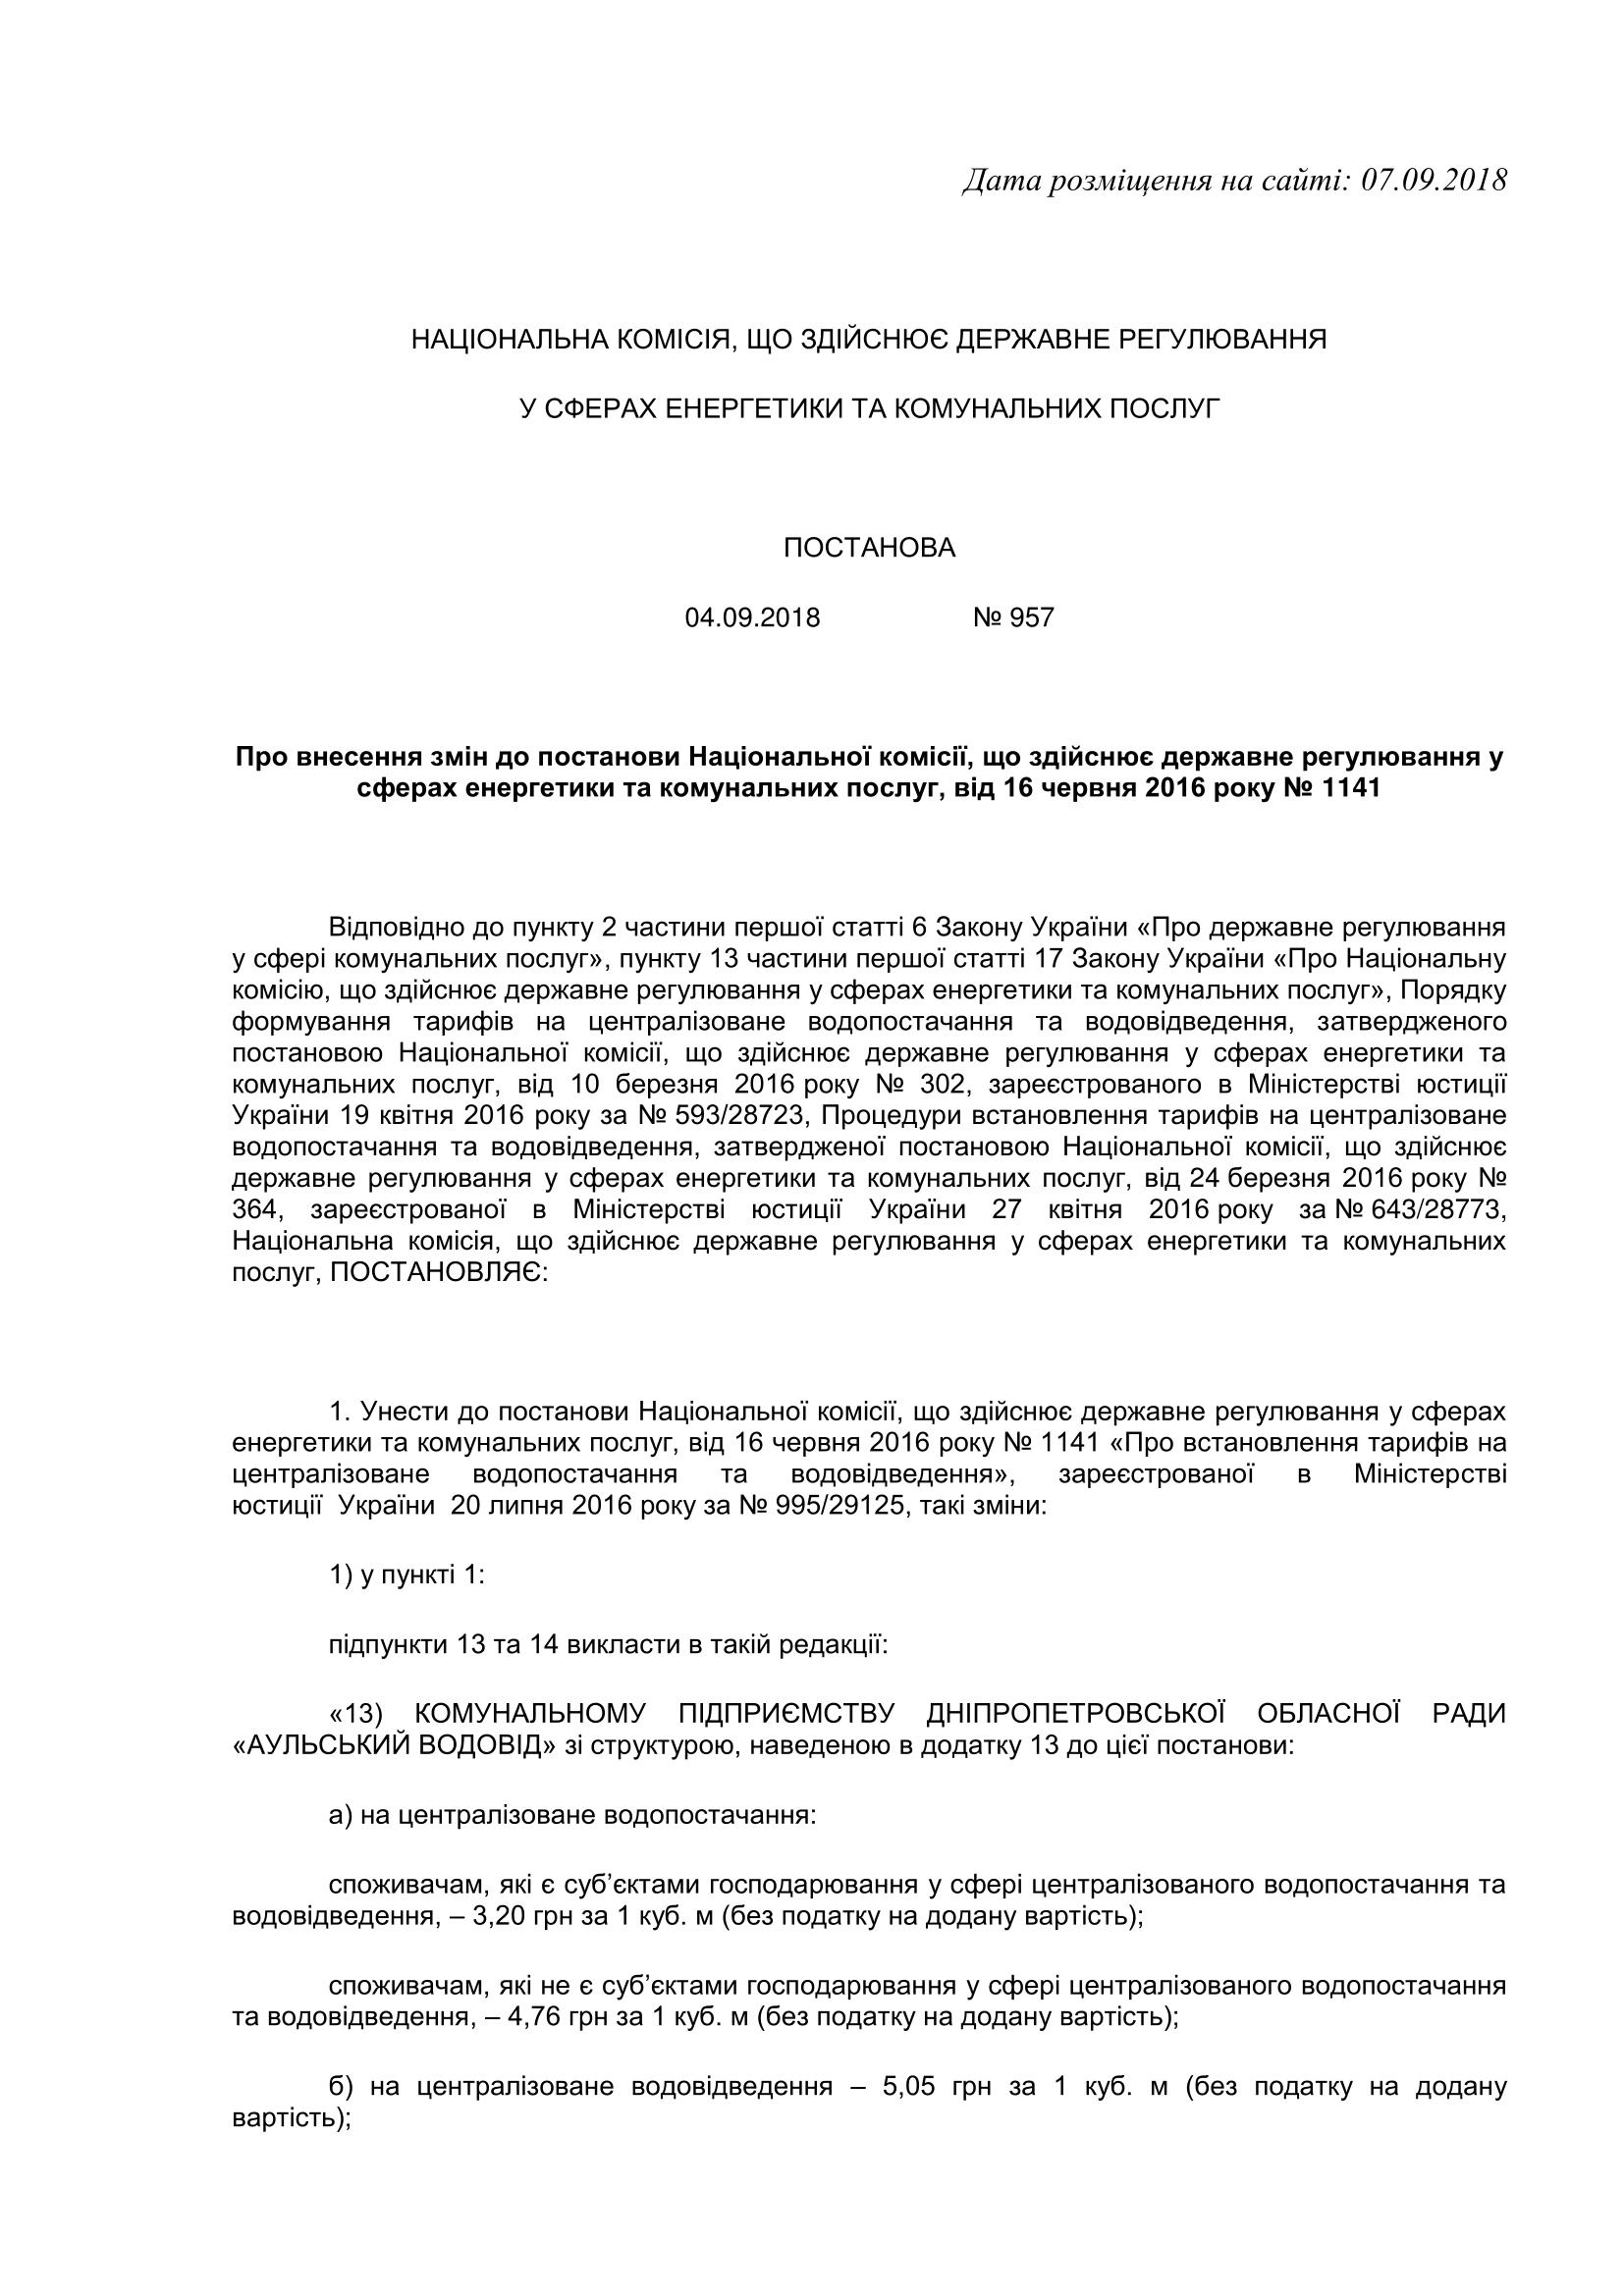 Постановление від 06.03.2018р. № 296